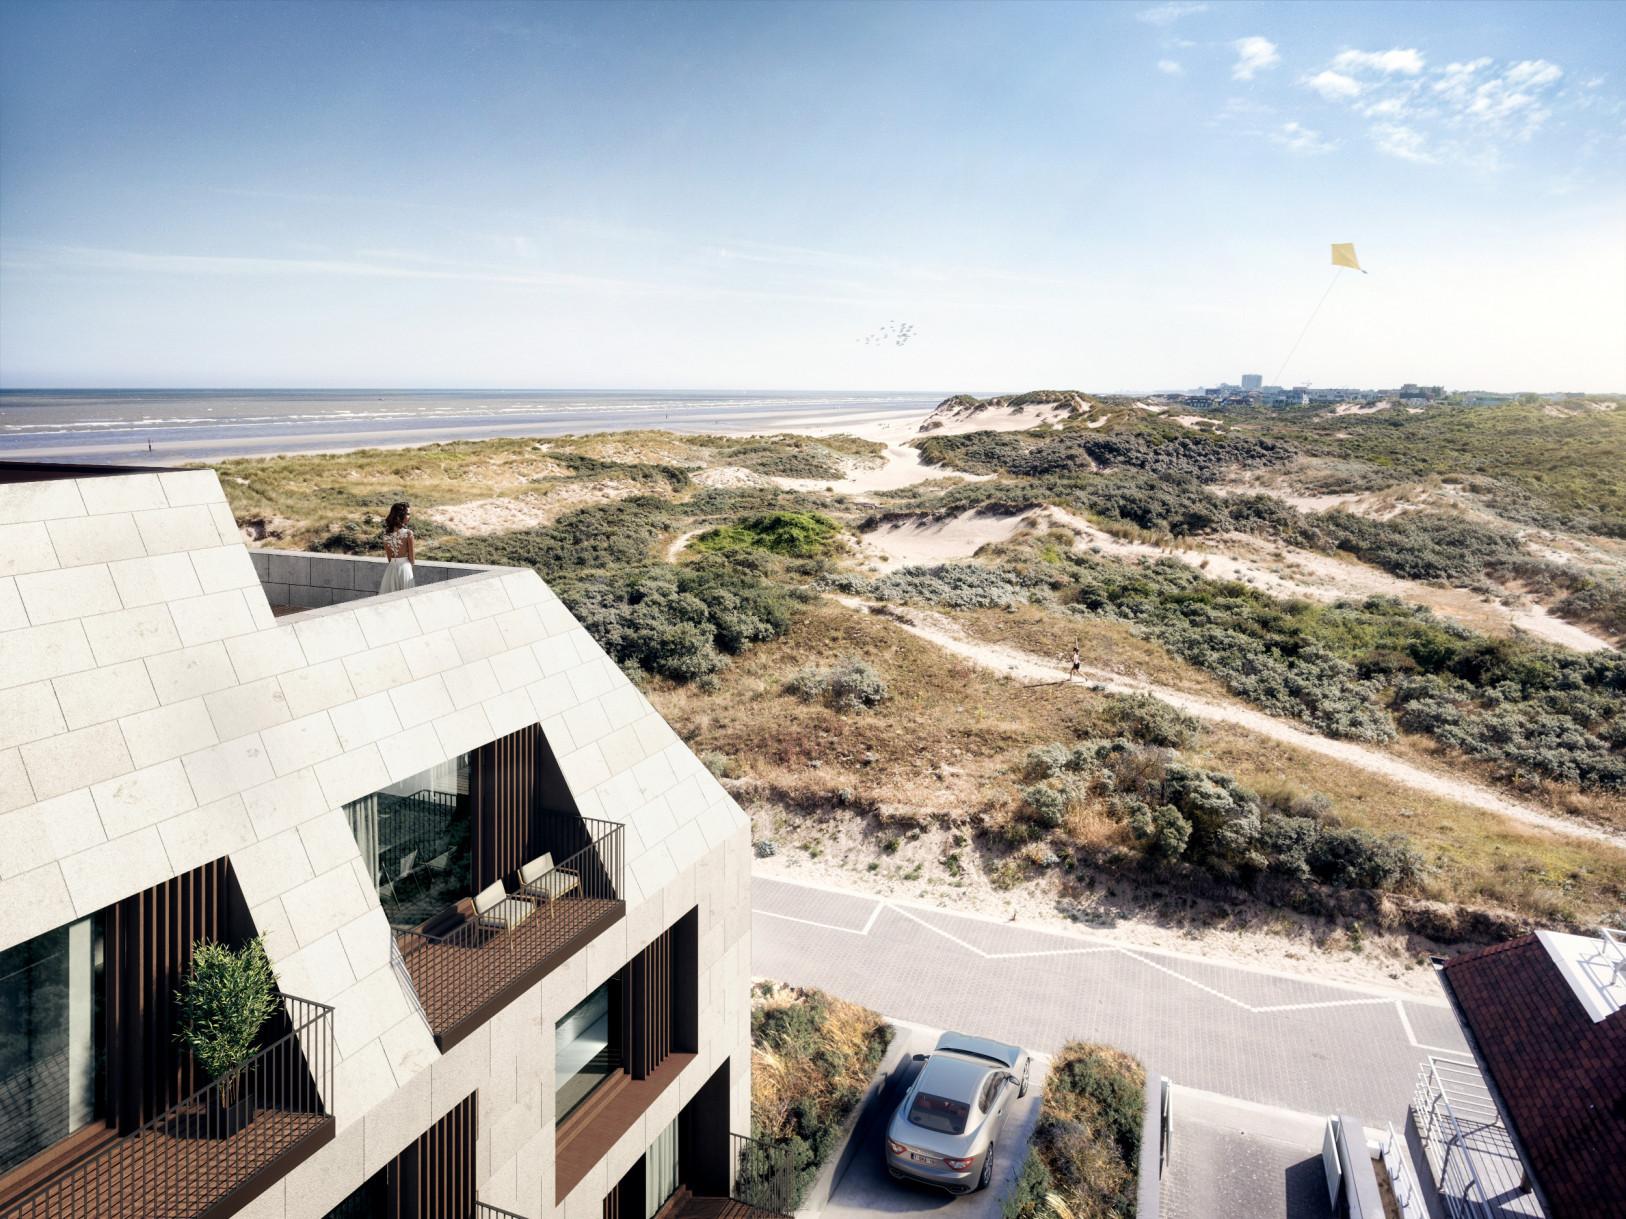 Waar moet je op letten als je wil investeren in vastgoed aan de Belgische kust?